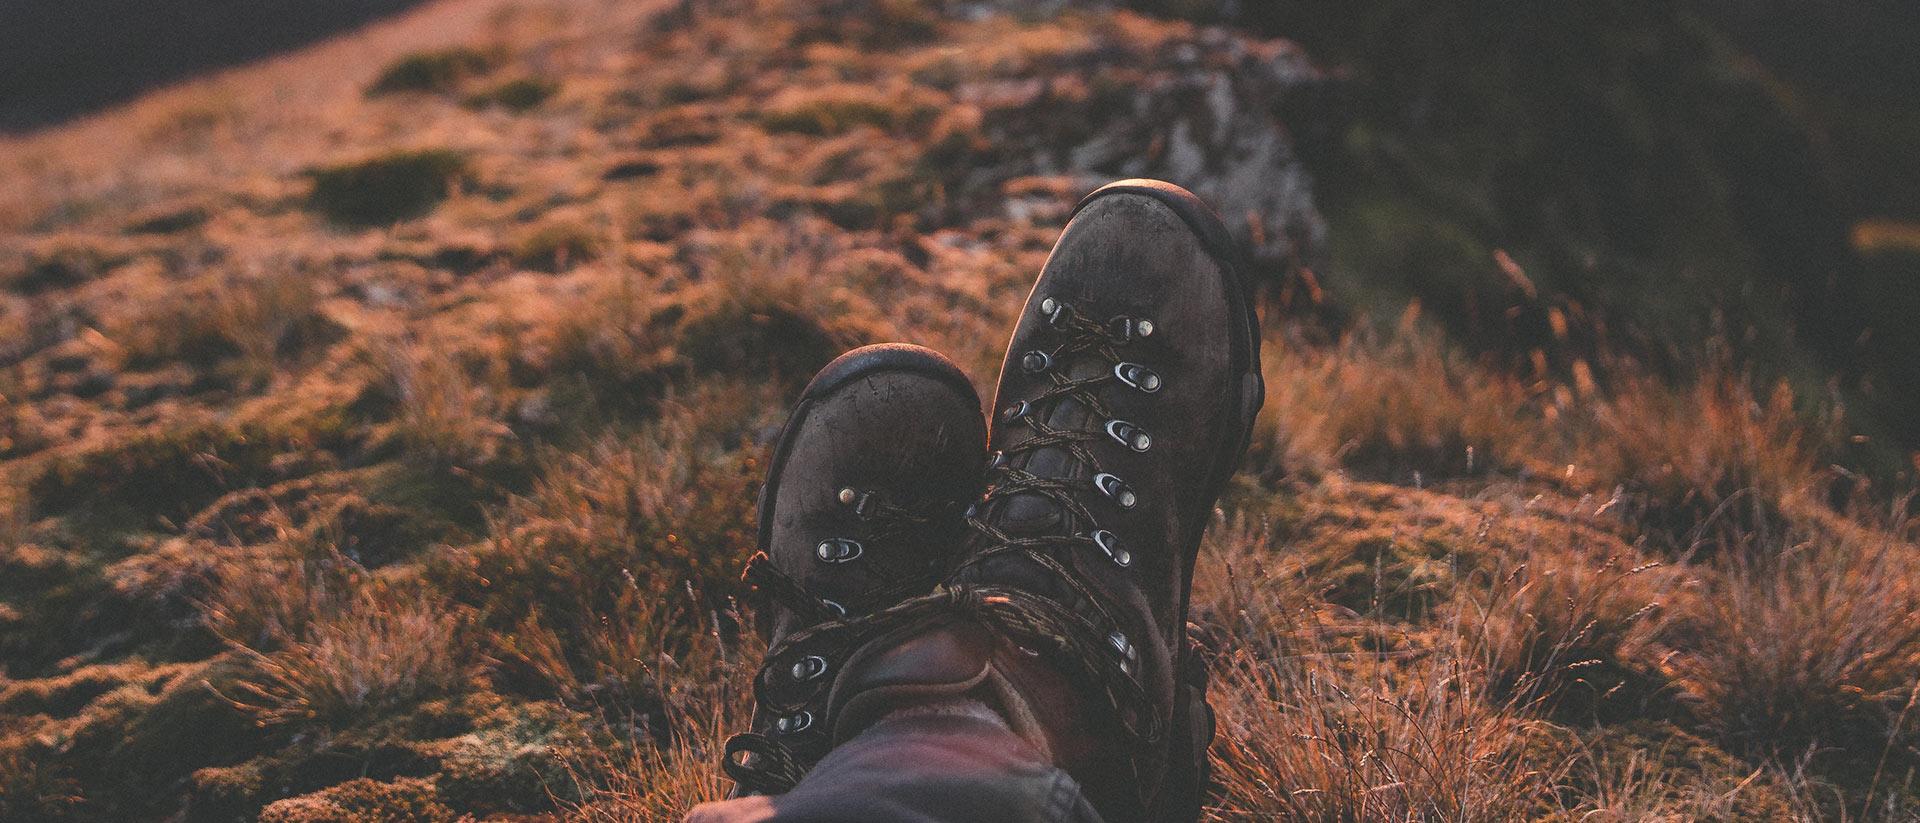 Assurez-vous d'apporter de bonnes chaussures de randonnée lors de votre visite dans les Hautes terres